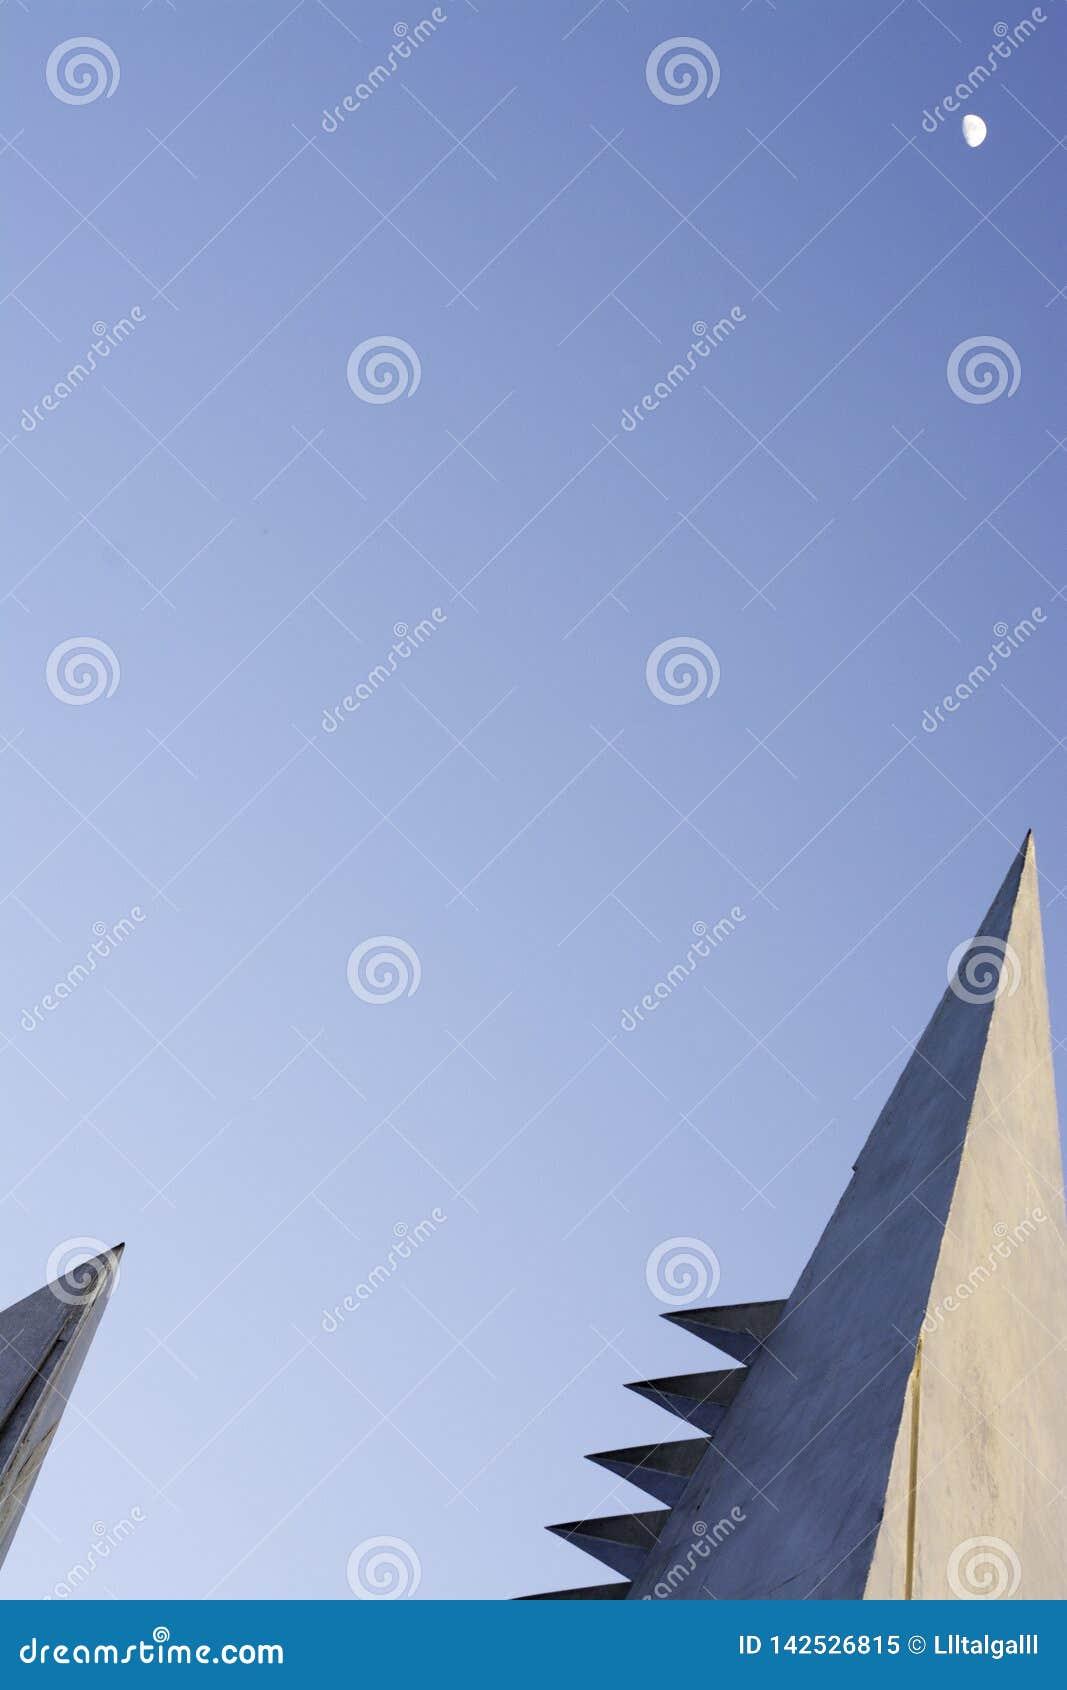 Μπλε ουρανός με τα αρχιτεκτονικά στοιχεία